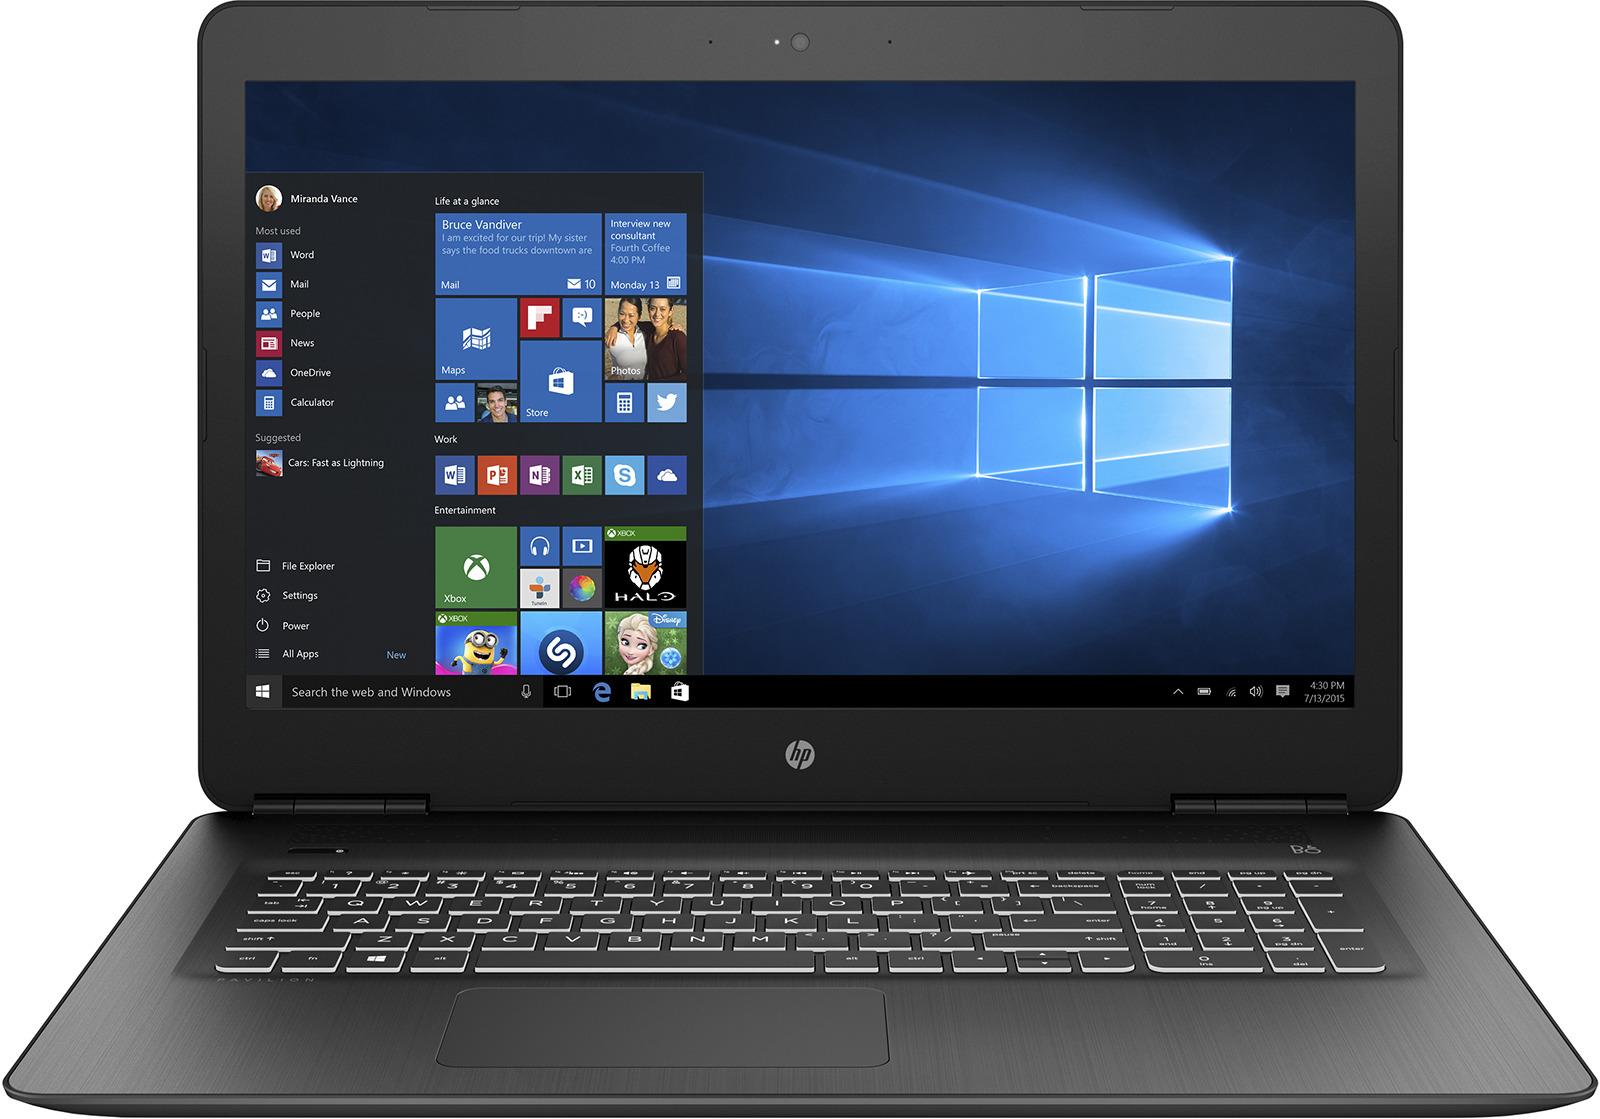 17.3 Игровой ноутбук HP Pavilion Gaming 17-ab326ur 2ZH12EA, черный ноутбук hp pavilion 17 ab403ur 4hf64ea